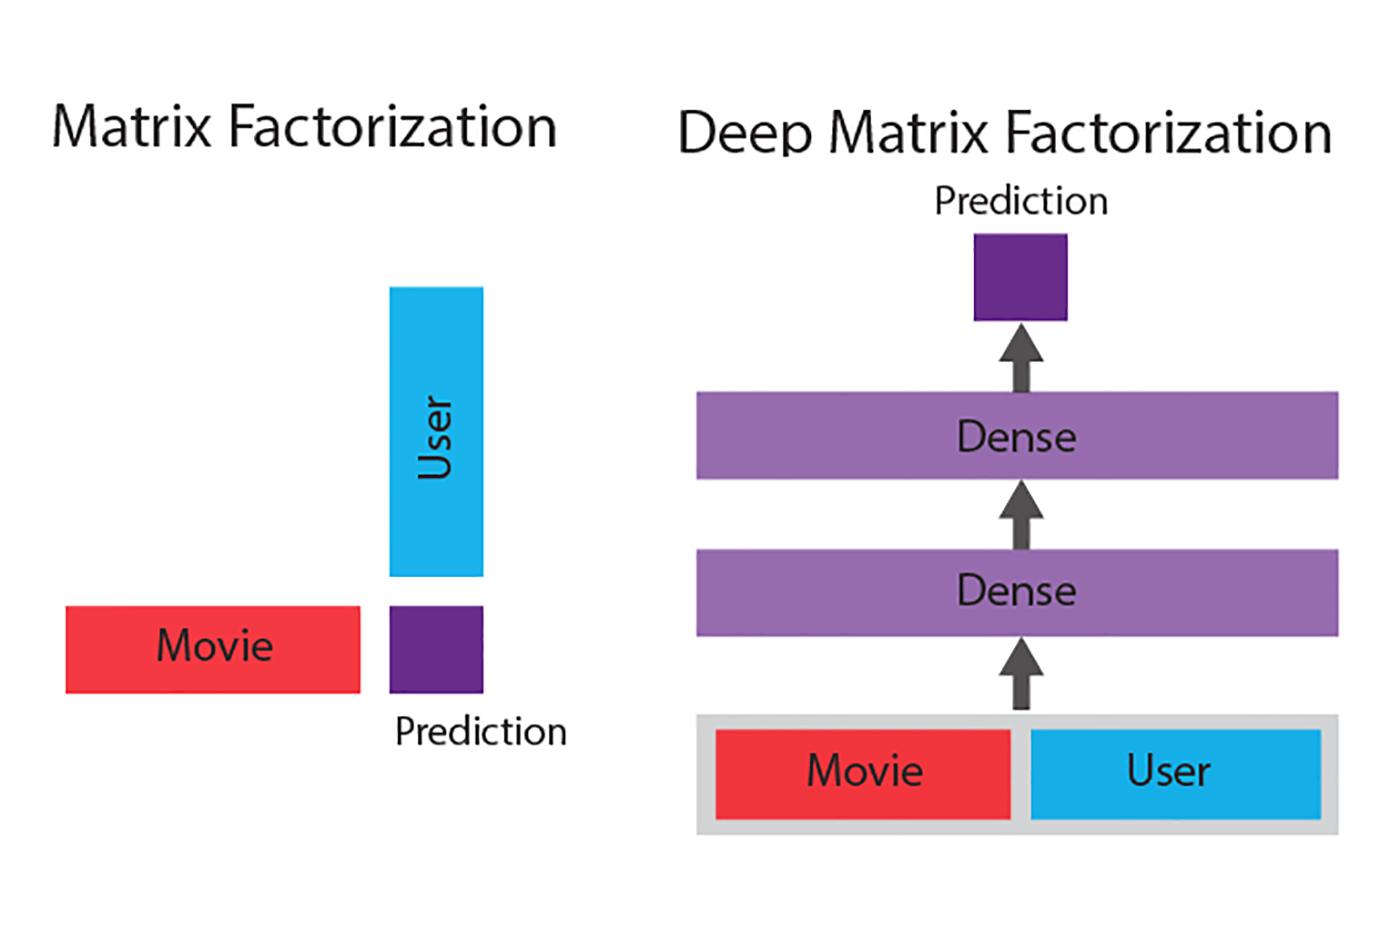 Matrix factorization vs. deep matrix factorization